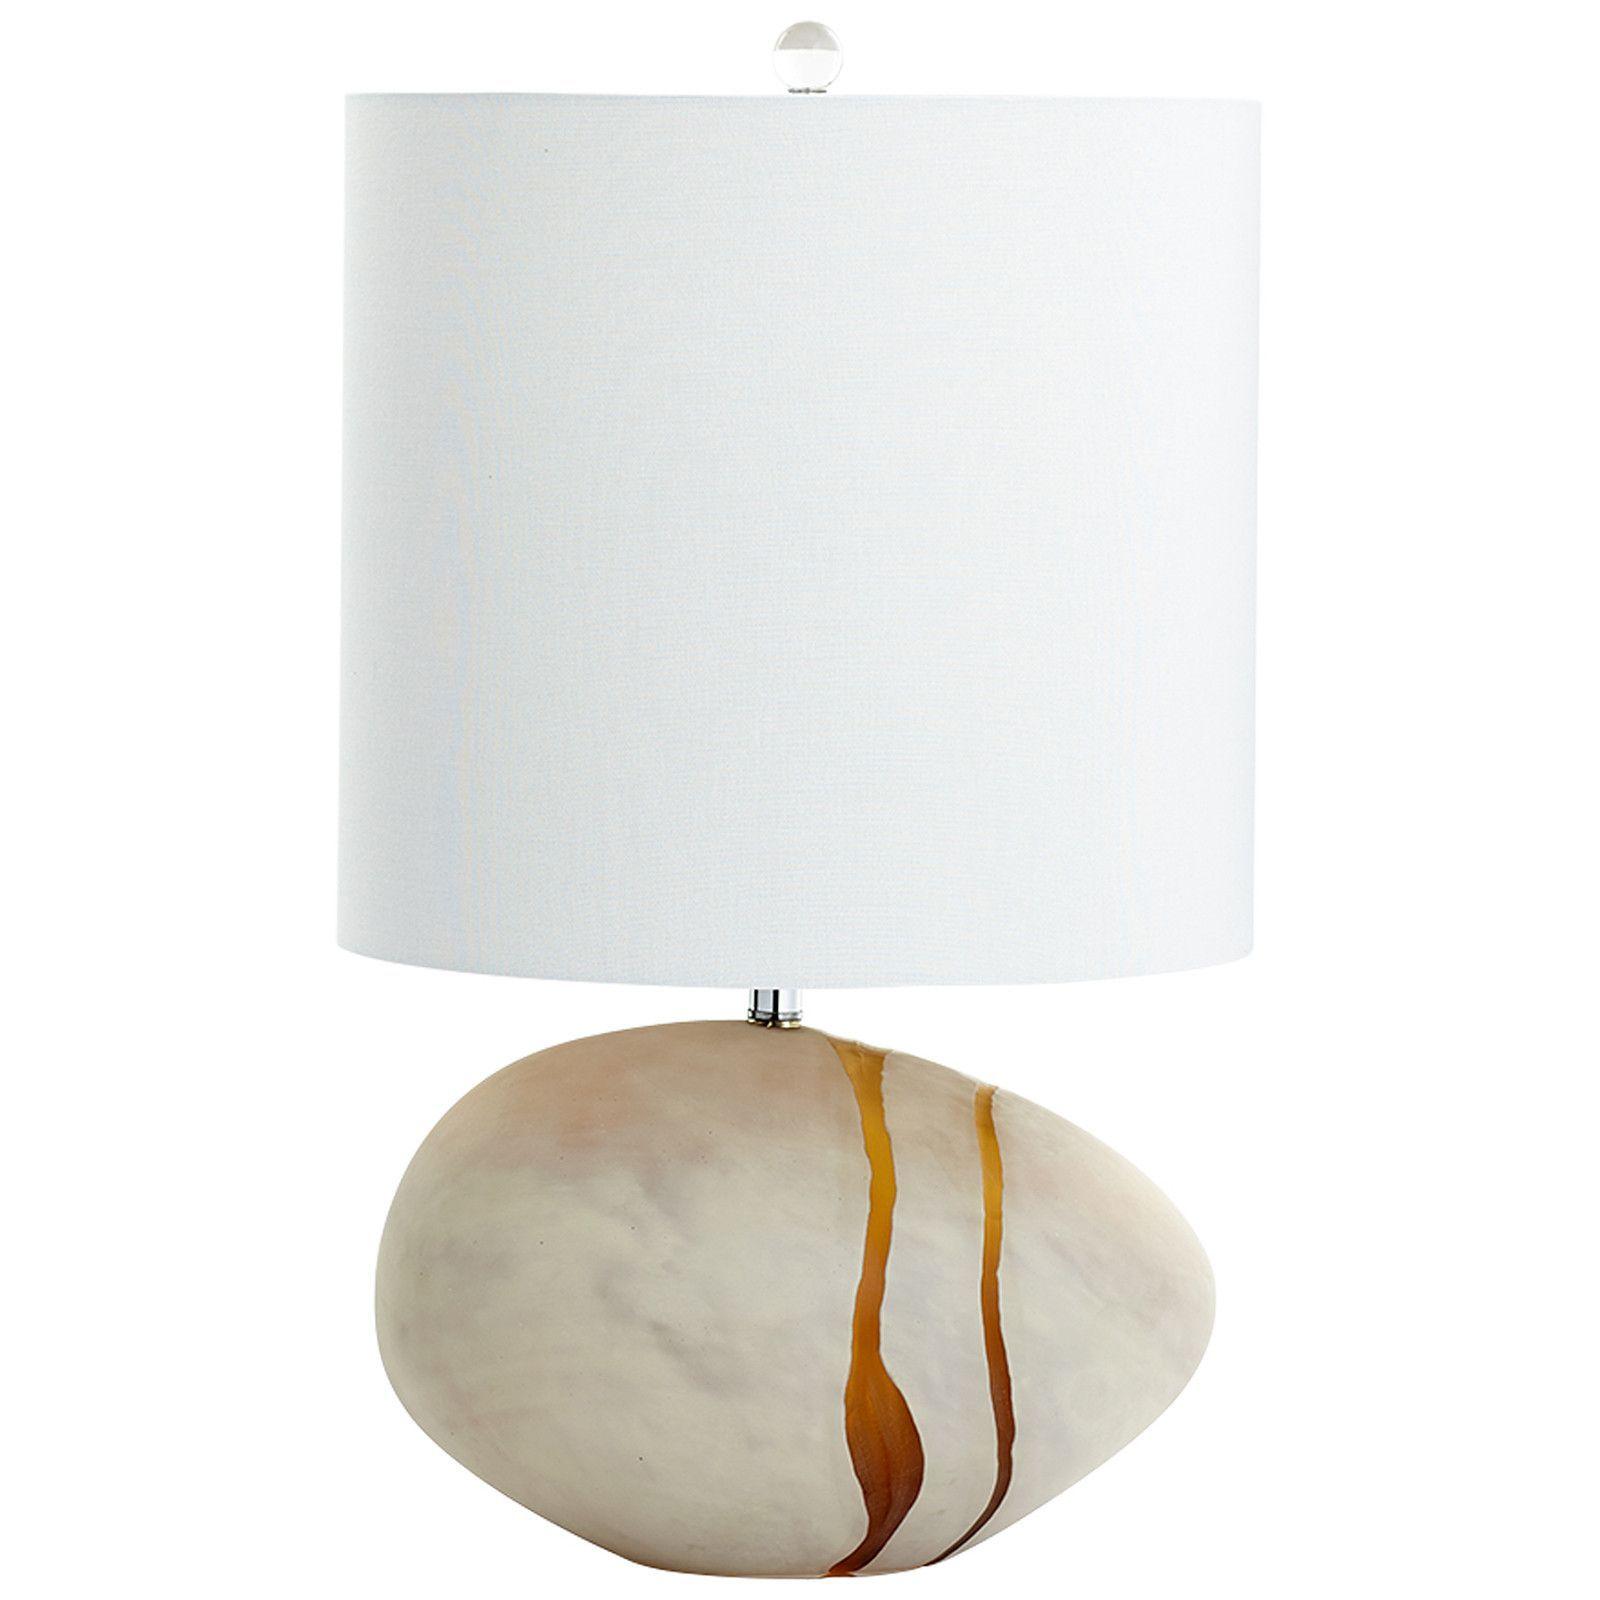 Tiber 2-Light Table Lamp in Amber